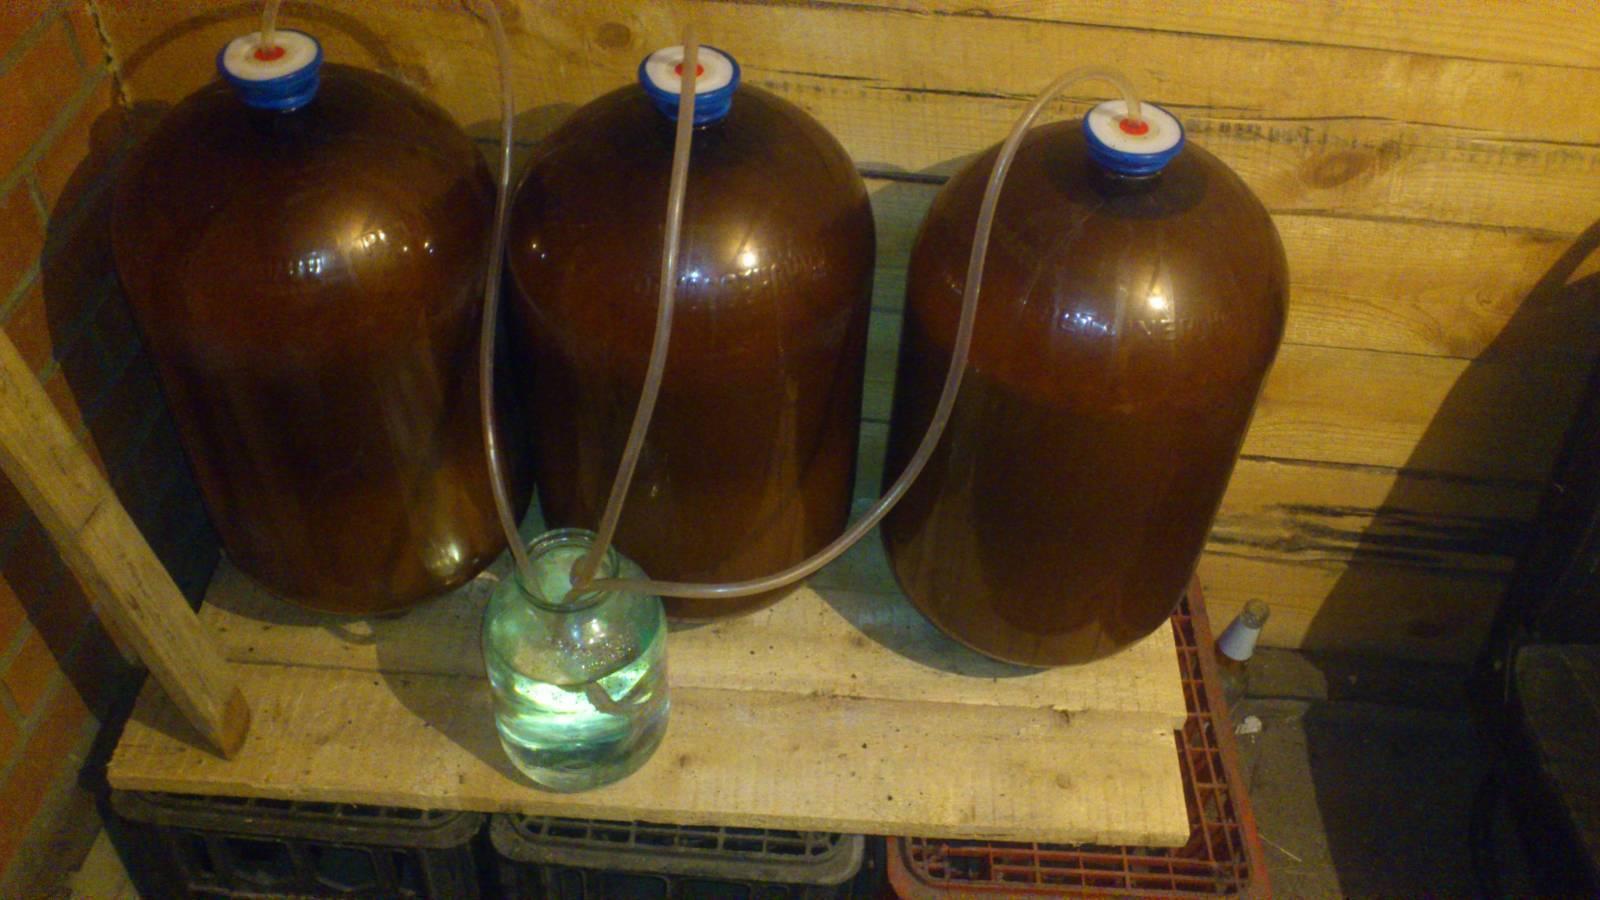 Правильное хранение спиртного в стекле, пластике, нержавейке и дубовых бочках